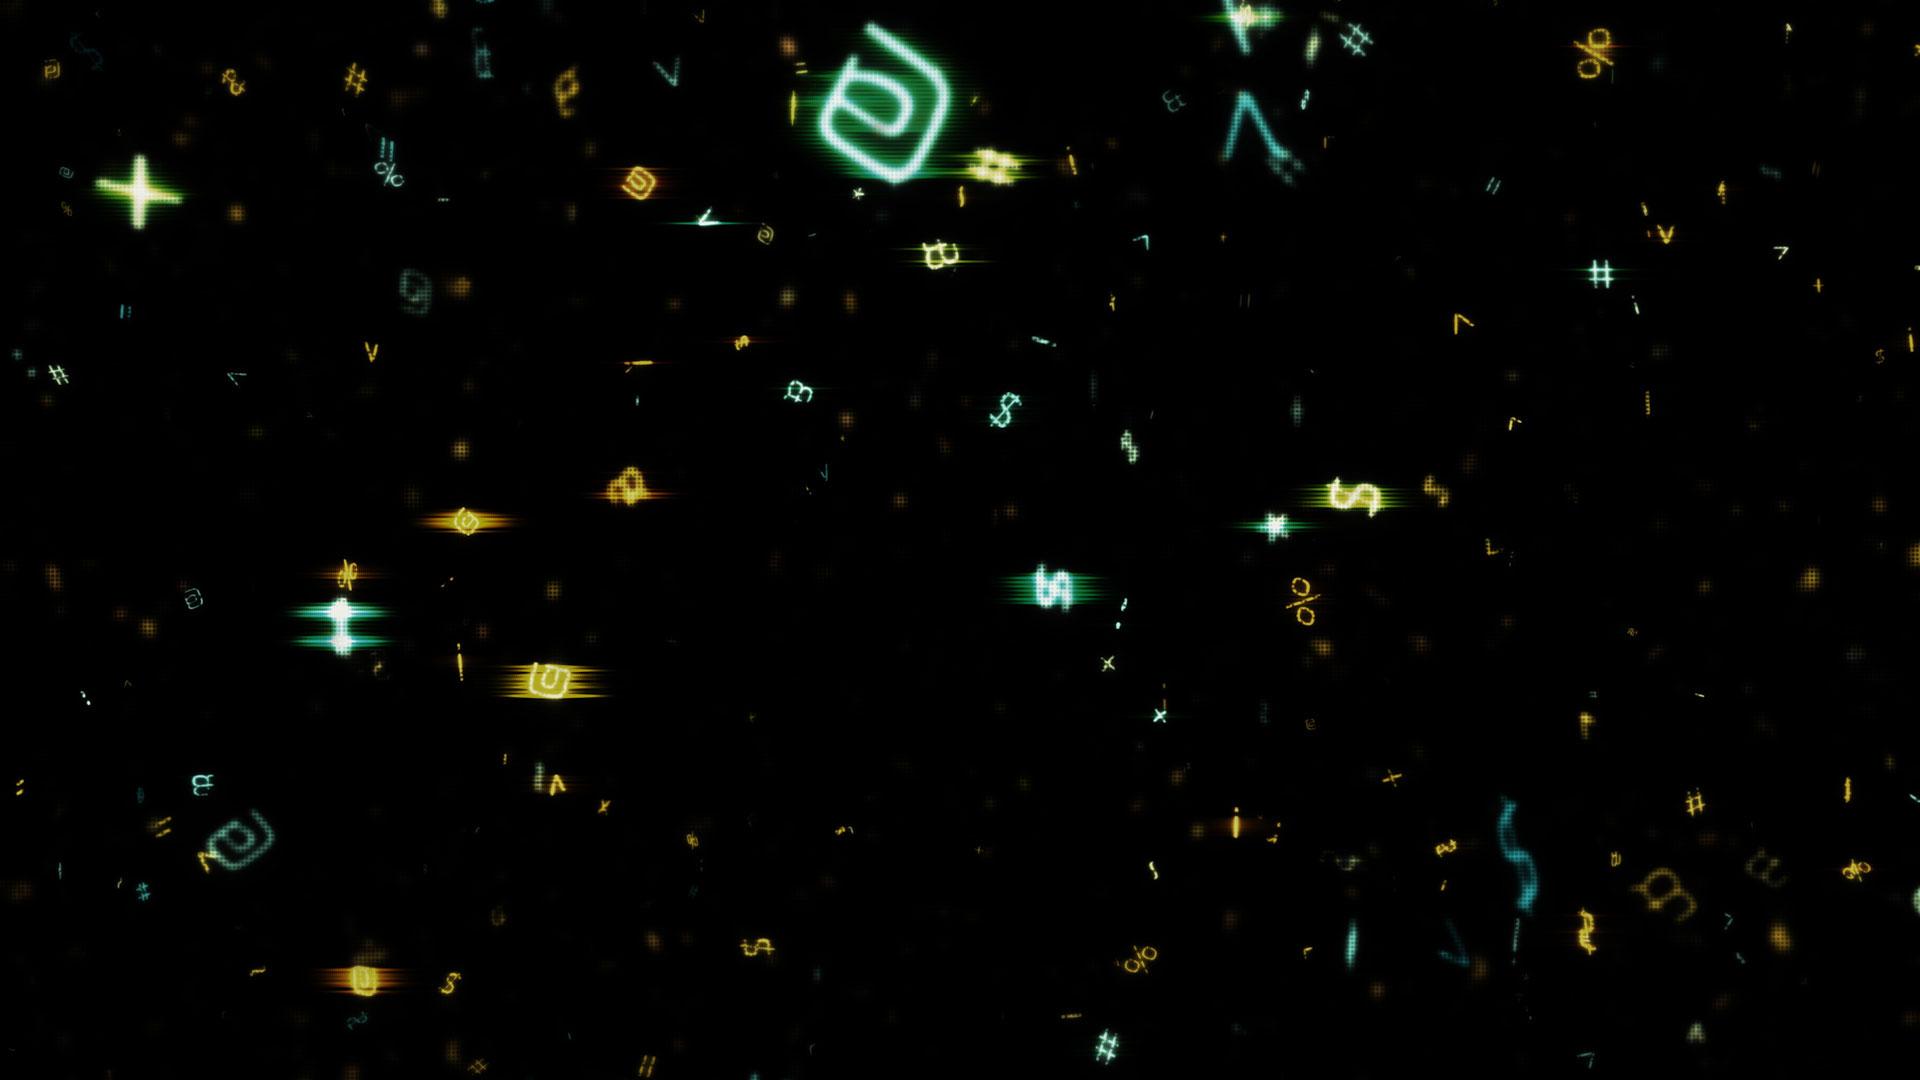 KZ_Cyberspace_19_Still004